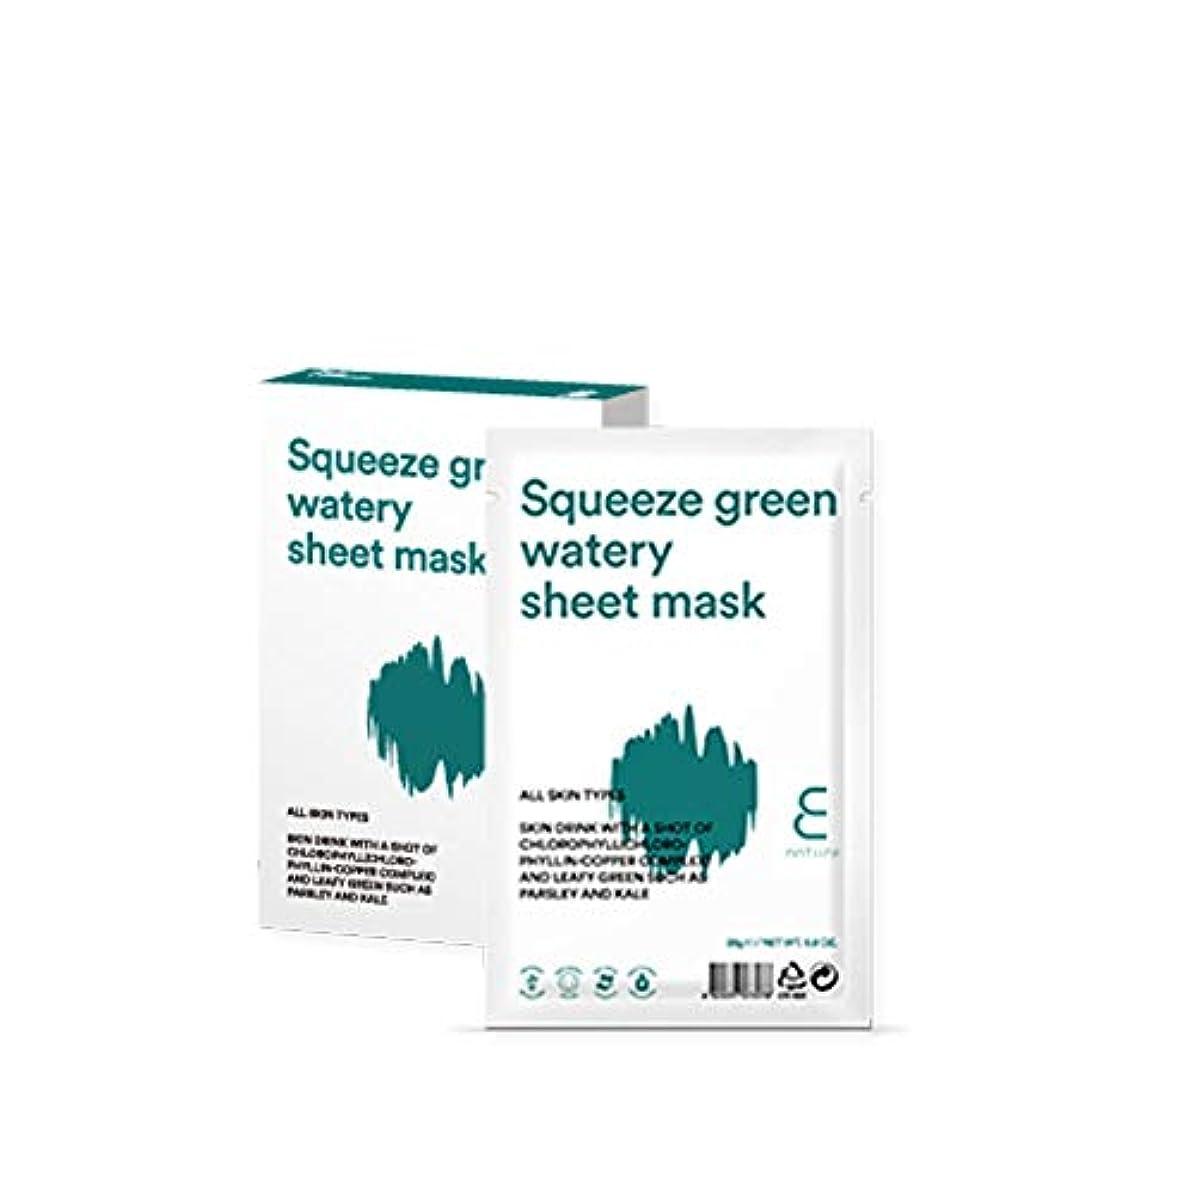 代わりに対地平線【ENATURE 日本公式サイト】スクィーズグリーンウォータリーシートマスク 25gx10枚 韓国コスメ スキンケア